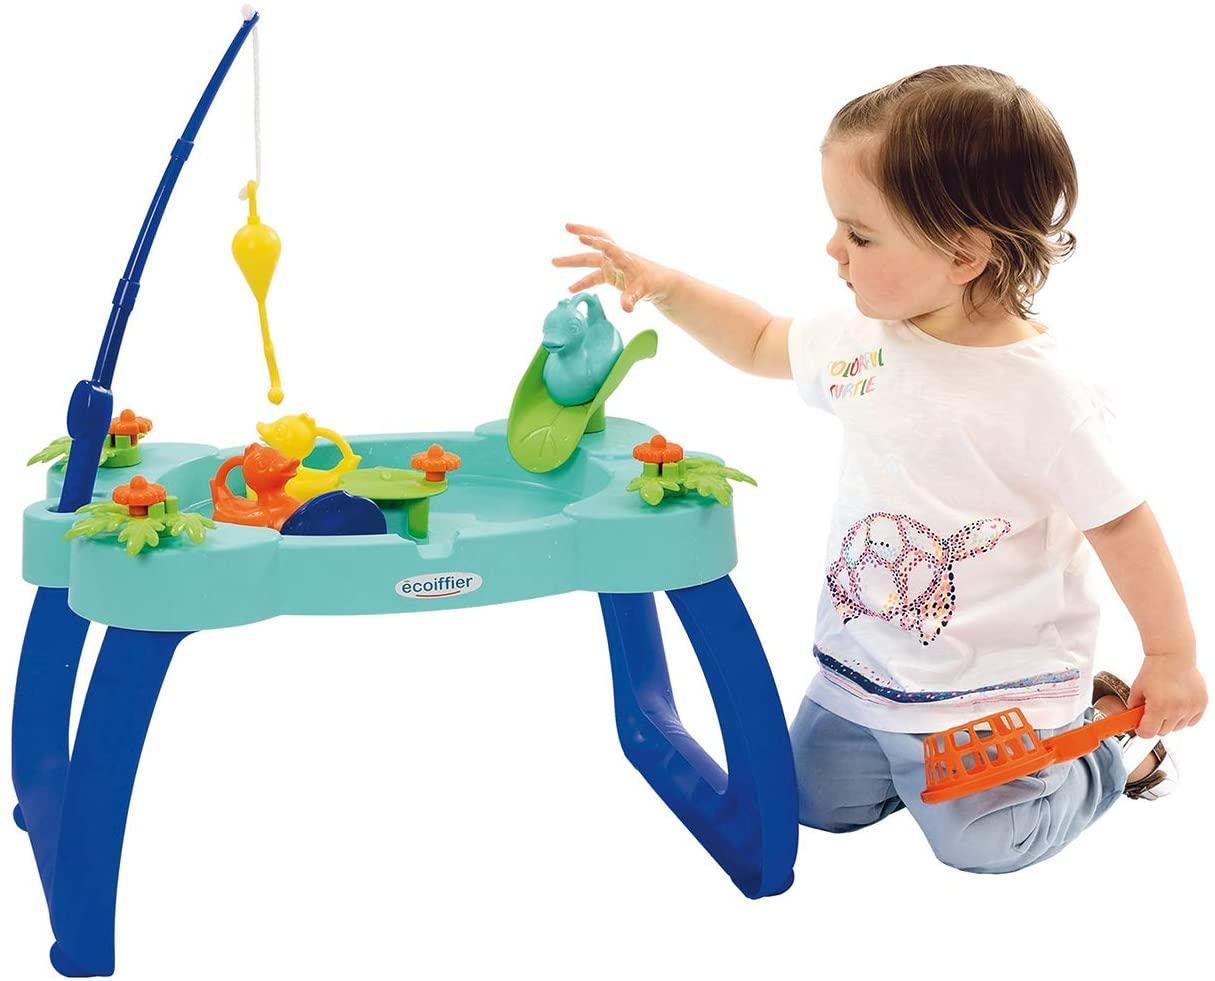 Игровой набор Стол для игры с водой Рыбалка Ecoiffier 004610